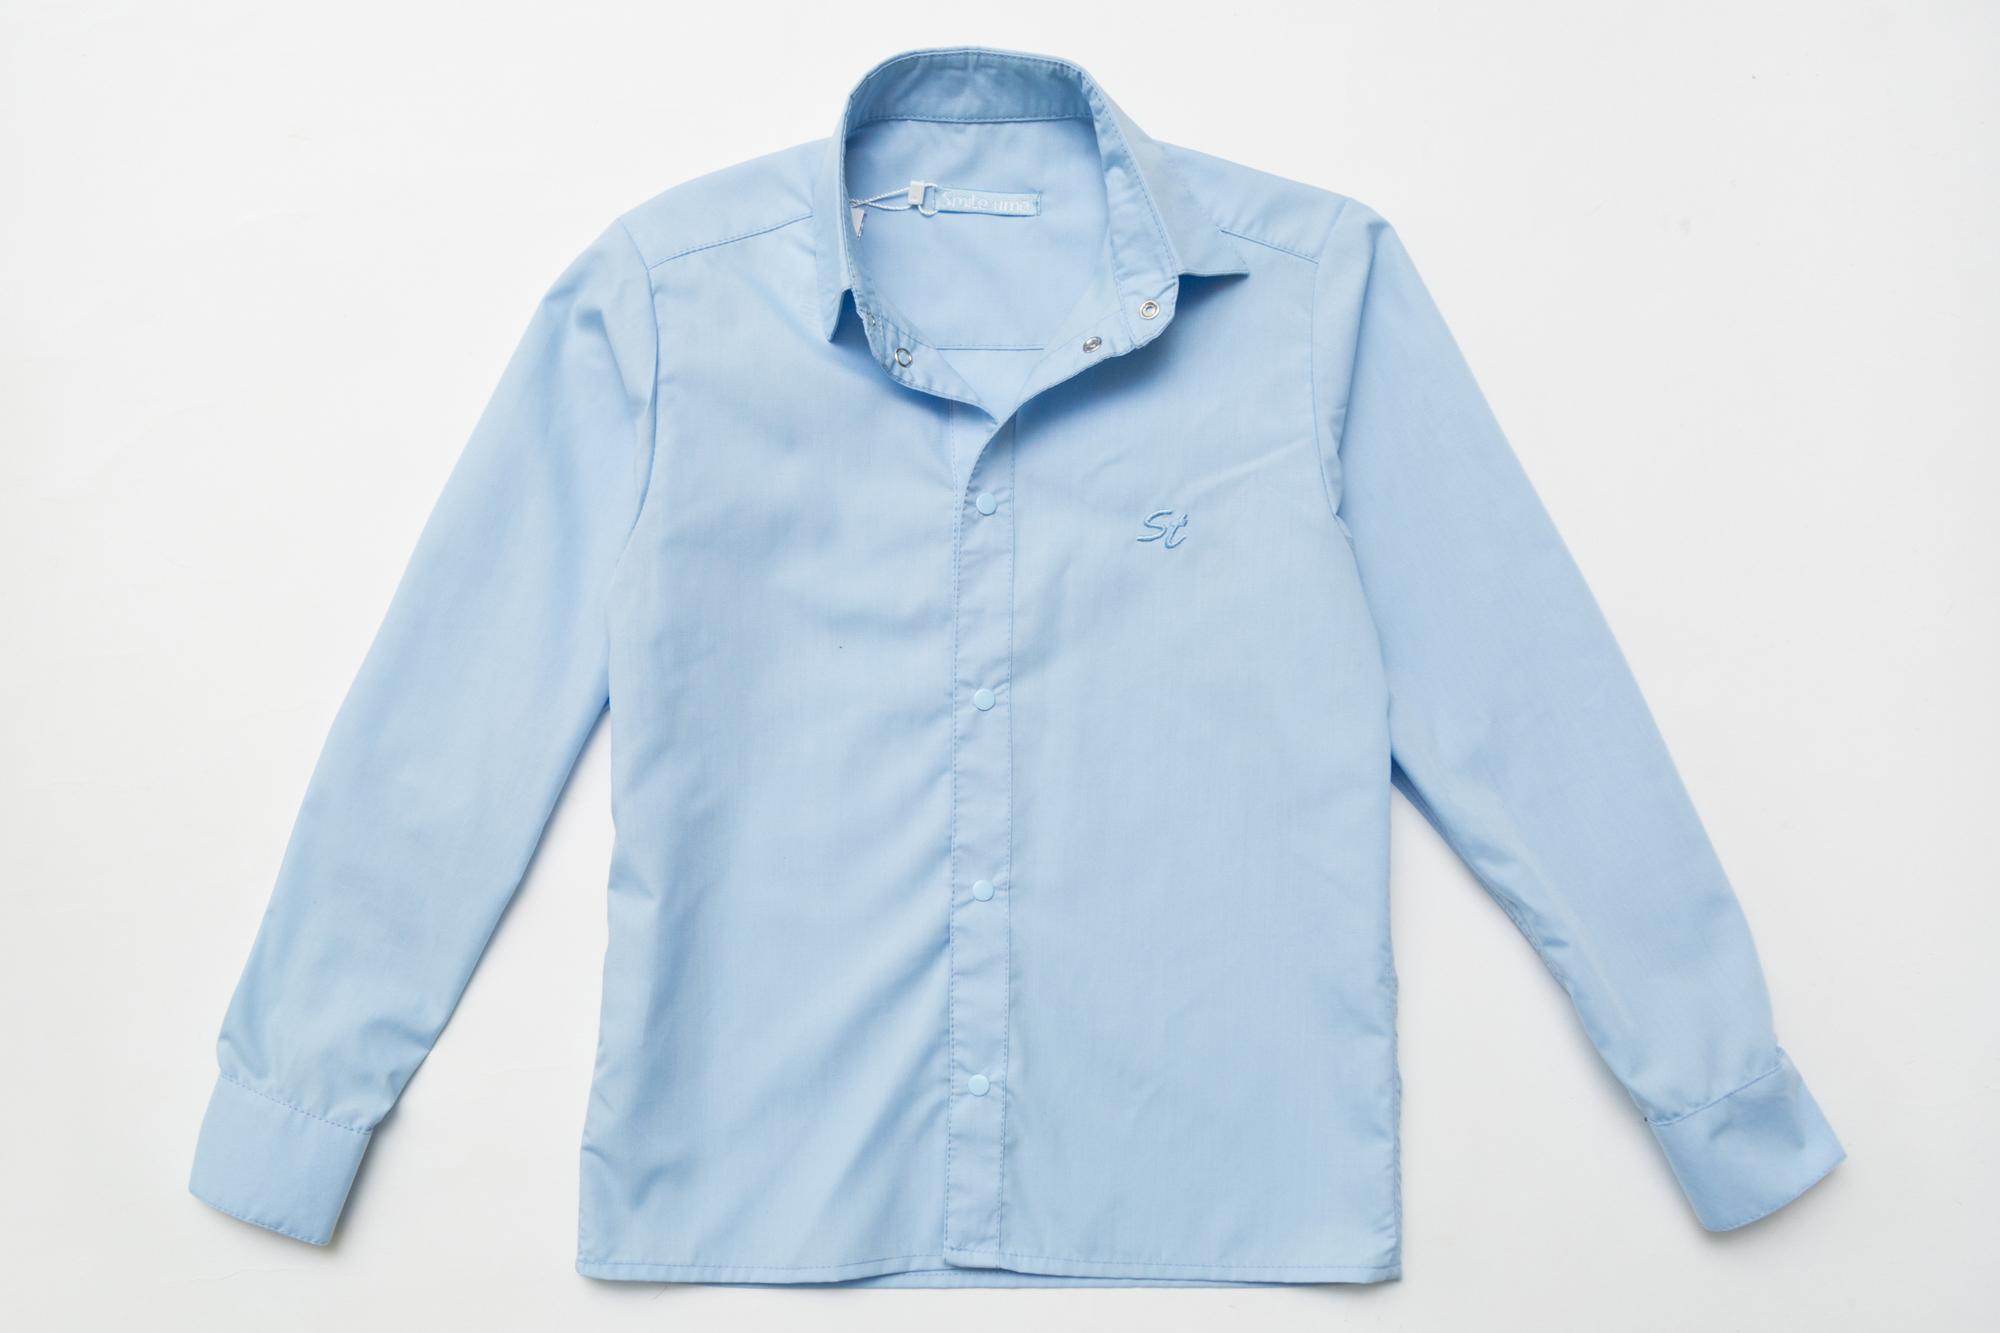 Рубашка SmileTime для мальчика с длинным рукавом Classic, голубая